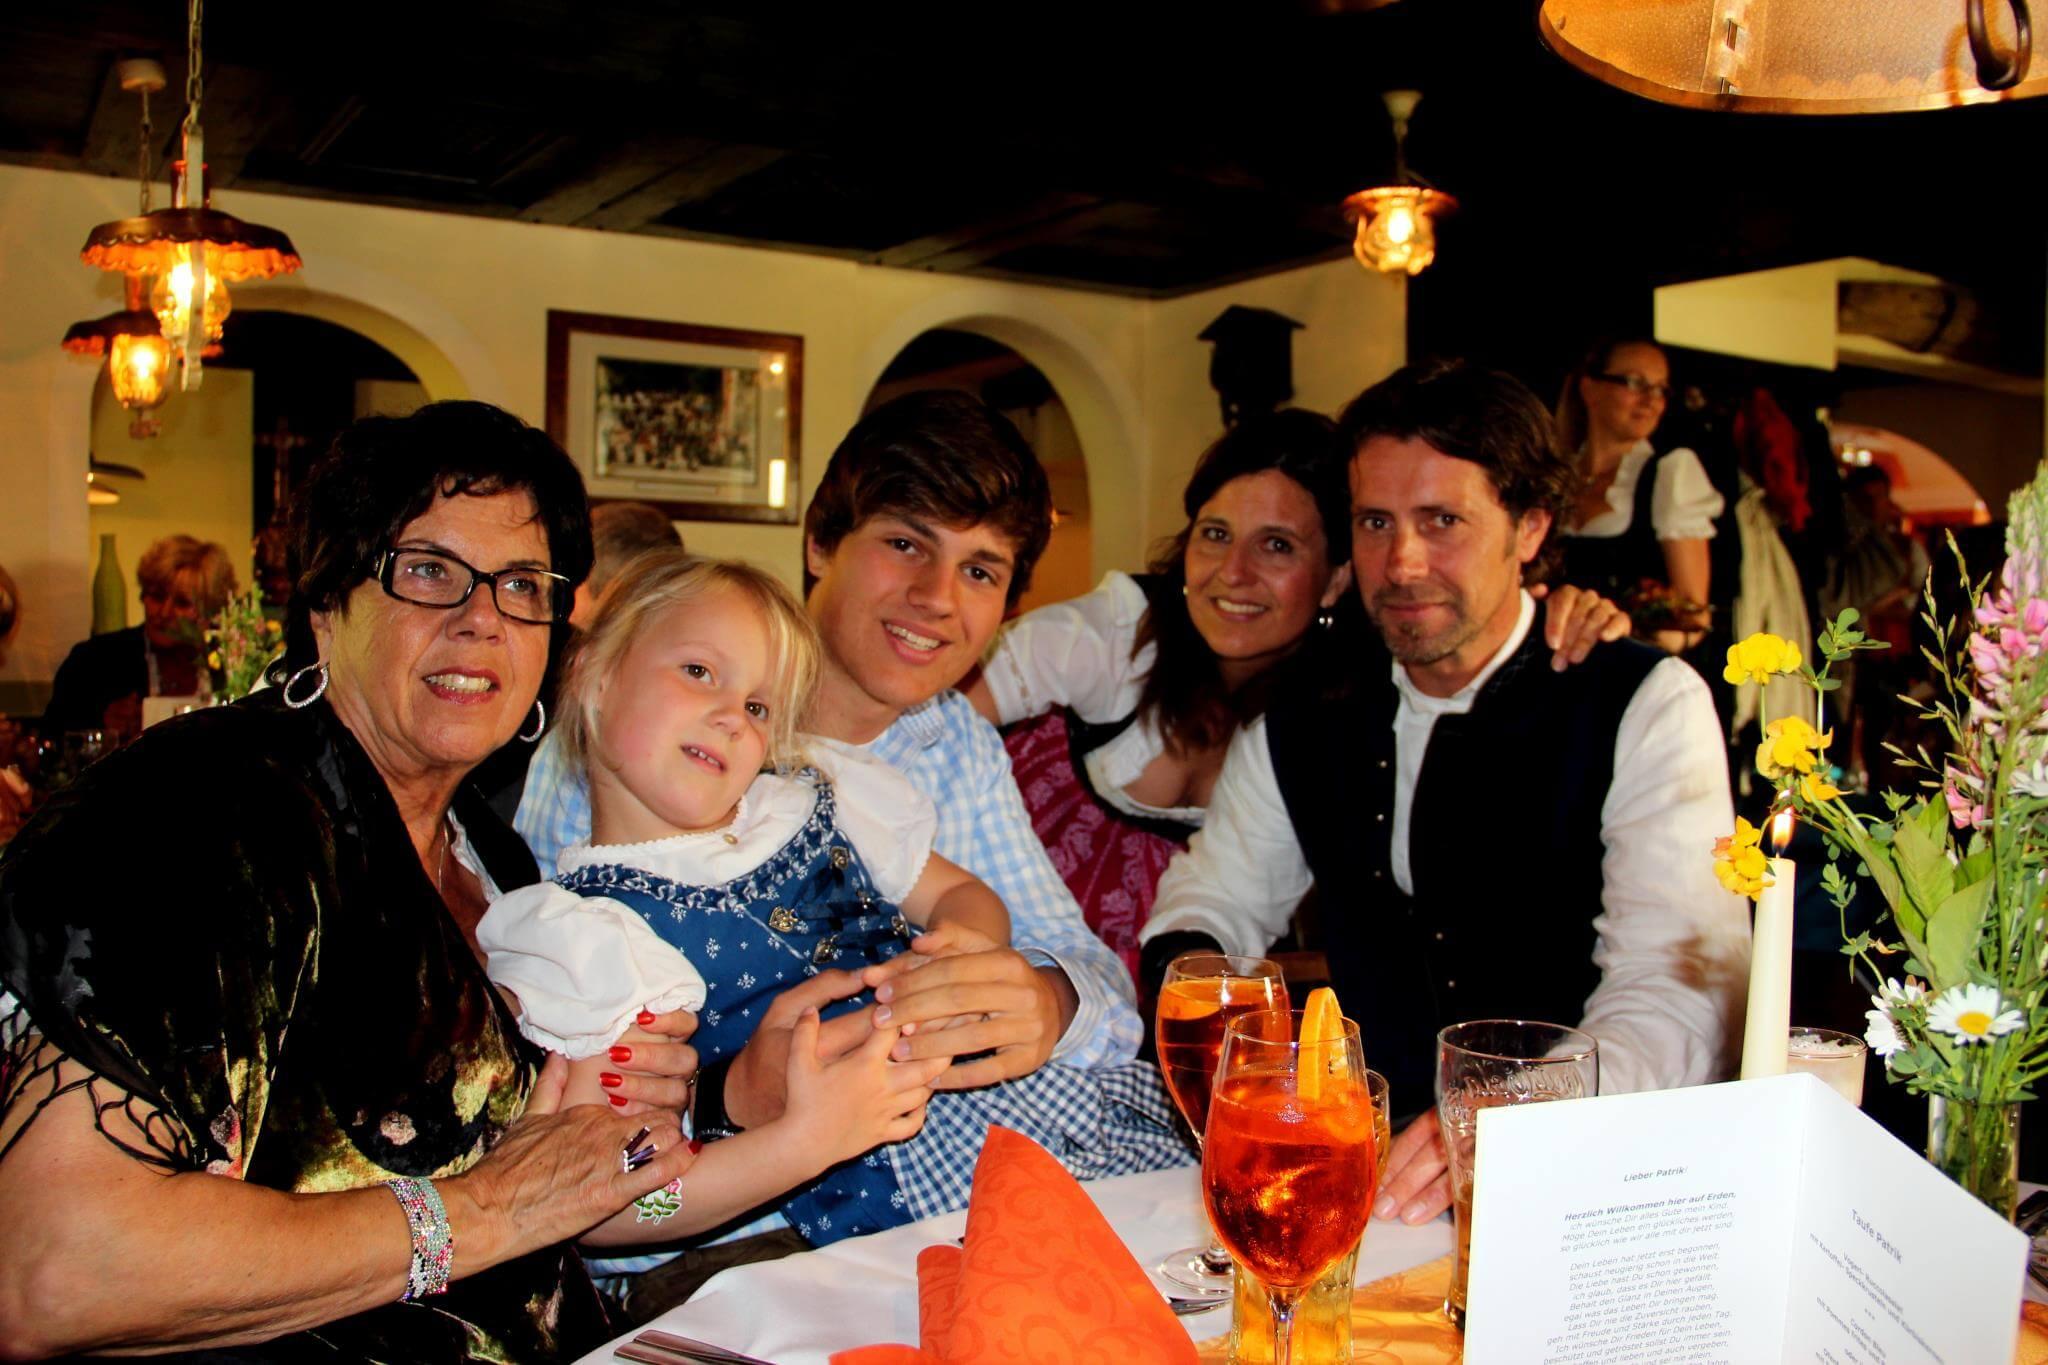 Familie Jäger Wenter Hotel Laudersbach